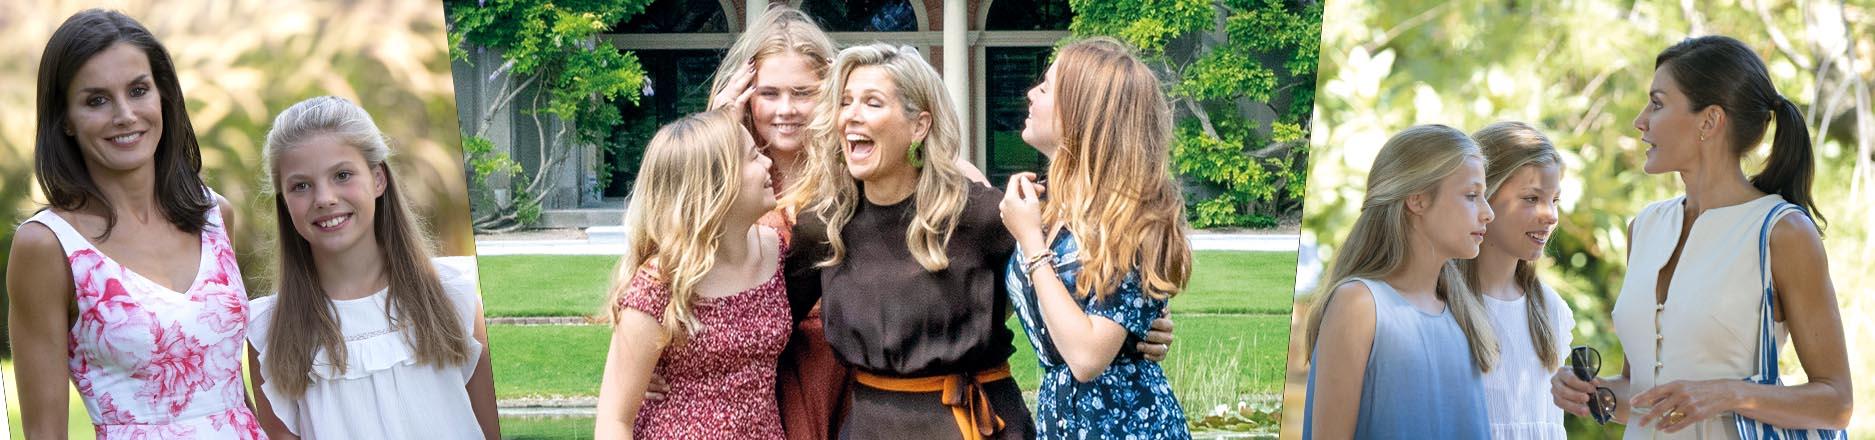 Reinas madres siglo XXI: cómo crían y educan a sus hijas Máxima y Letizia